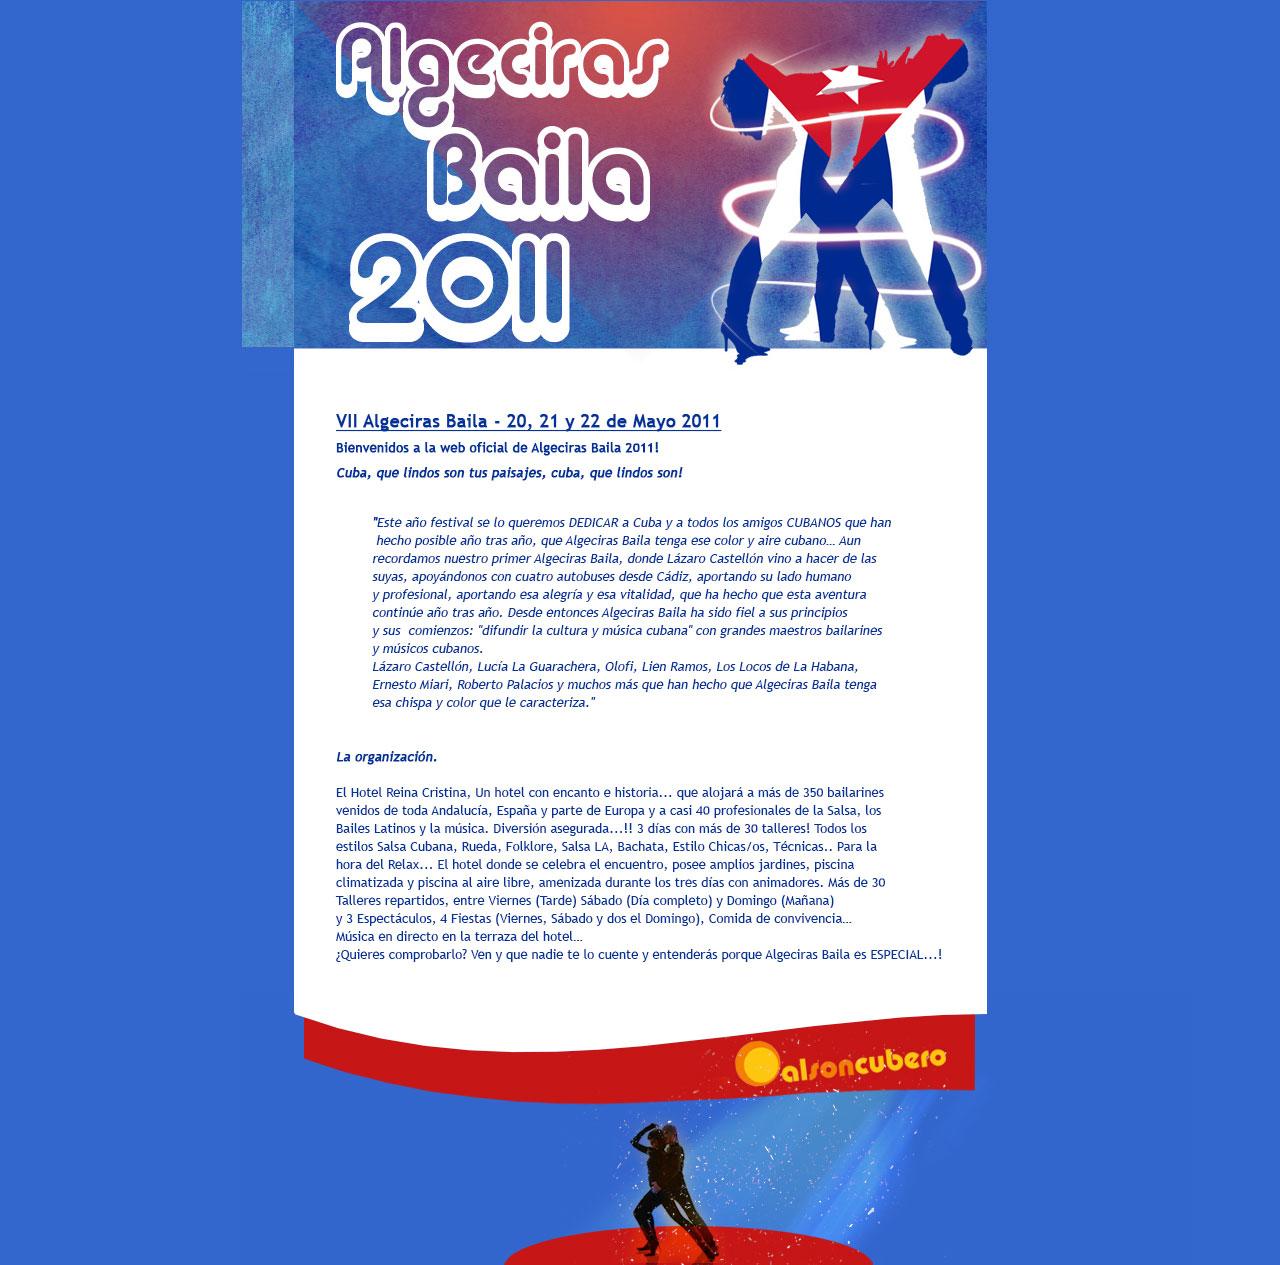 VII Algeciras Baila - 20, 21 y 22 de Mayo 2011. Html, Css, Dreamweaver, Photoshop. Año 2011